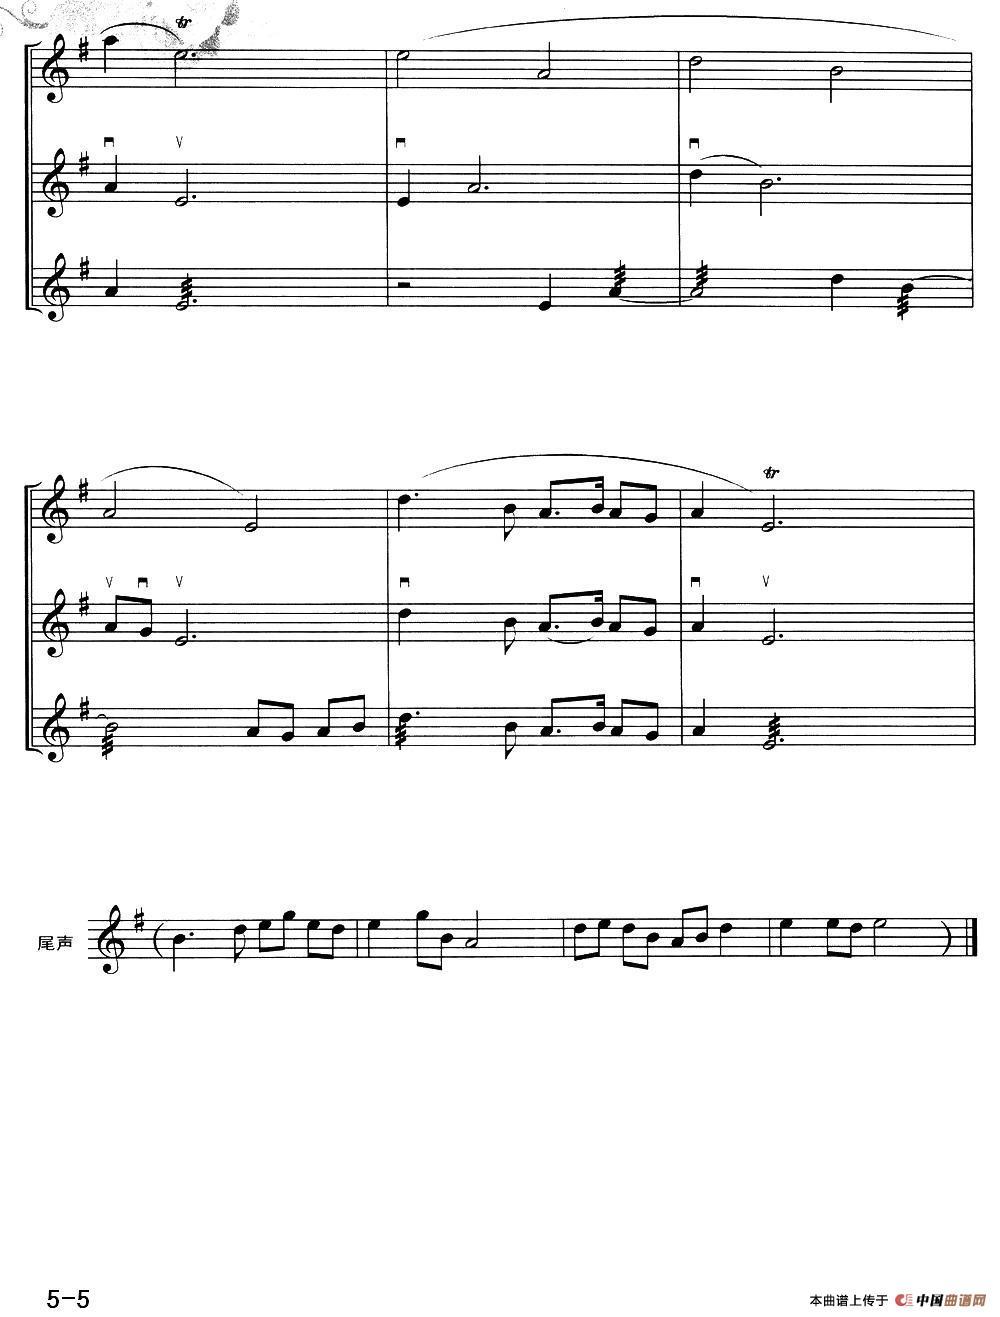 康定情歌笛子谱/洞箫谱(笛子+二胡+扬琴)